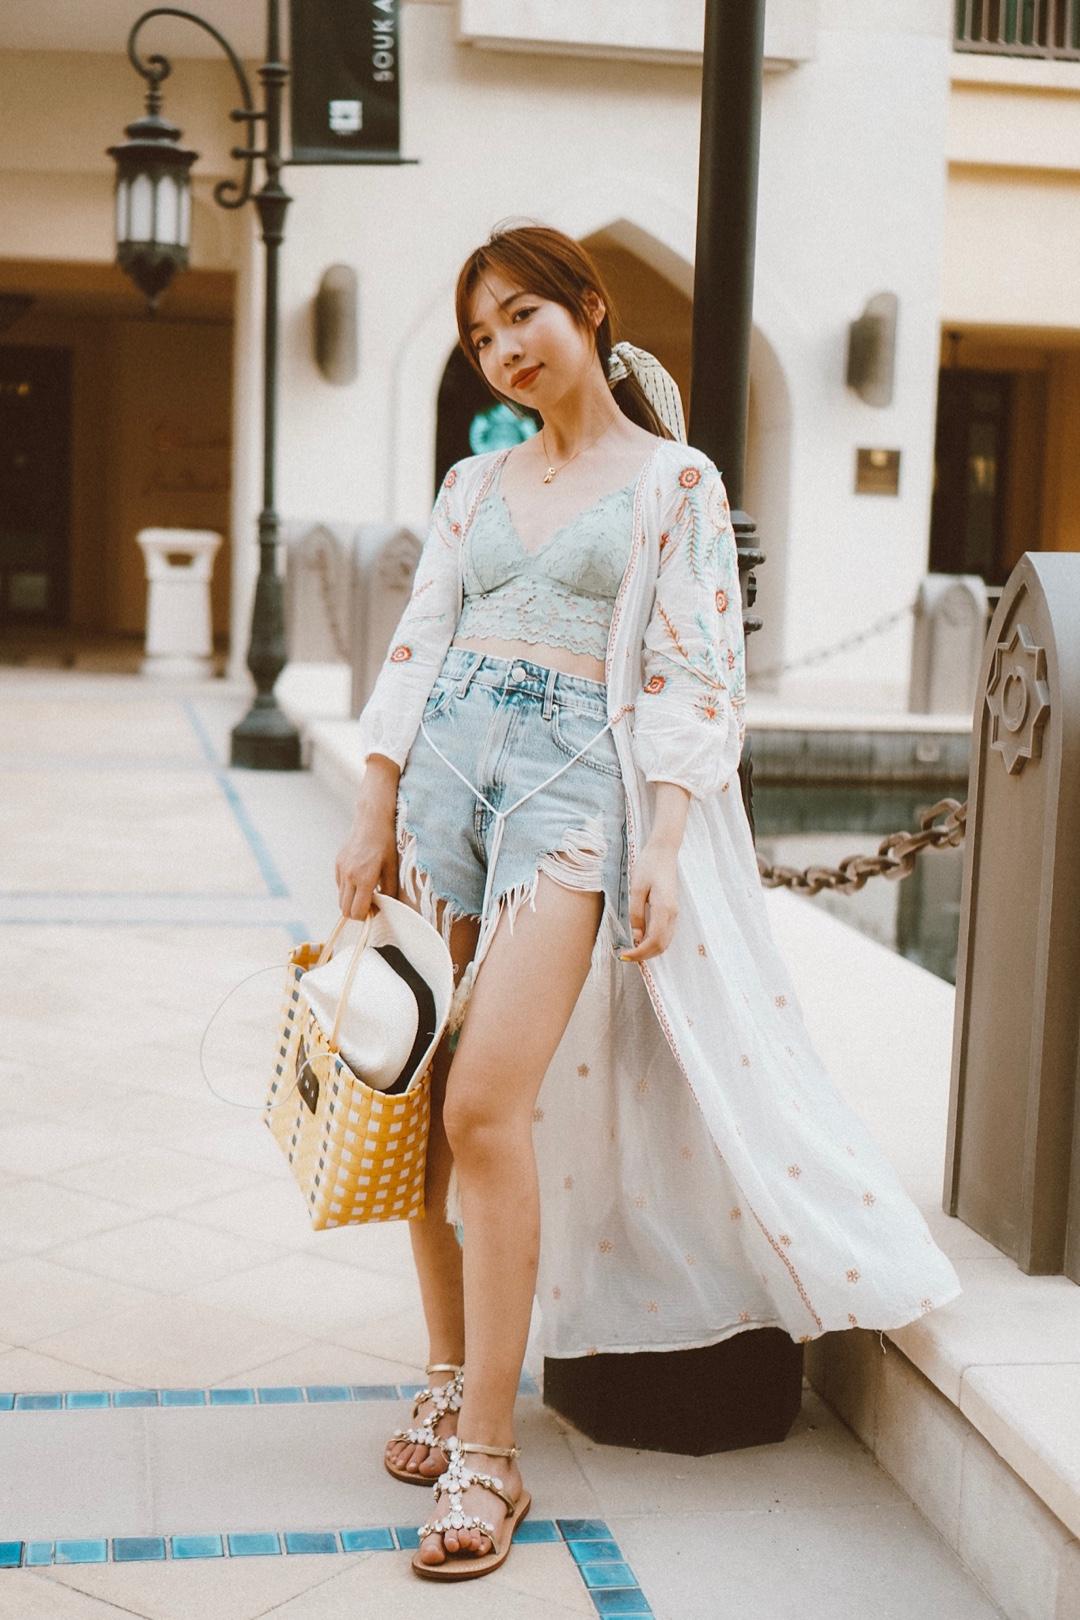 #七夕,今天我想穿它去约会!# 👗今日风格:🏜️异域风情 🥼罩衫:zara 这种类型的长款罩衫特别有阿拉伯的感觉 就好像当地人的长袍一般走路自带风 飘逸的感觉特别赞! 加上特别的刺绣元素显得更加应景了 💎项链:Pandora 👗法式bra:oysho 👖短裤:zara